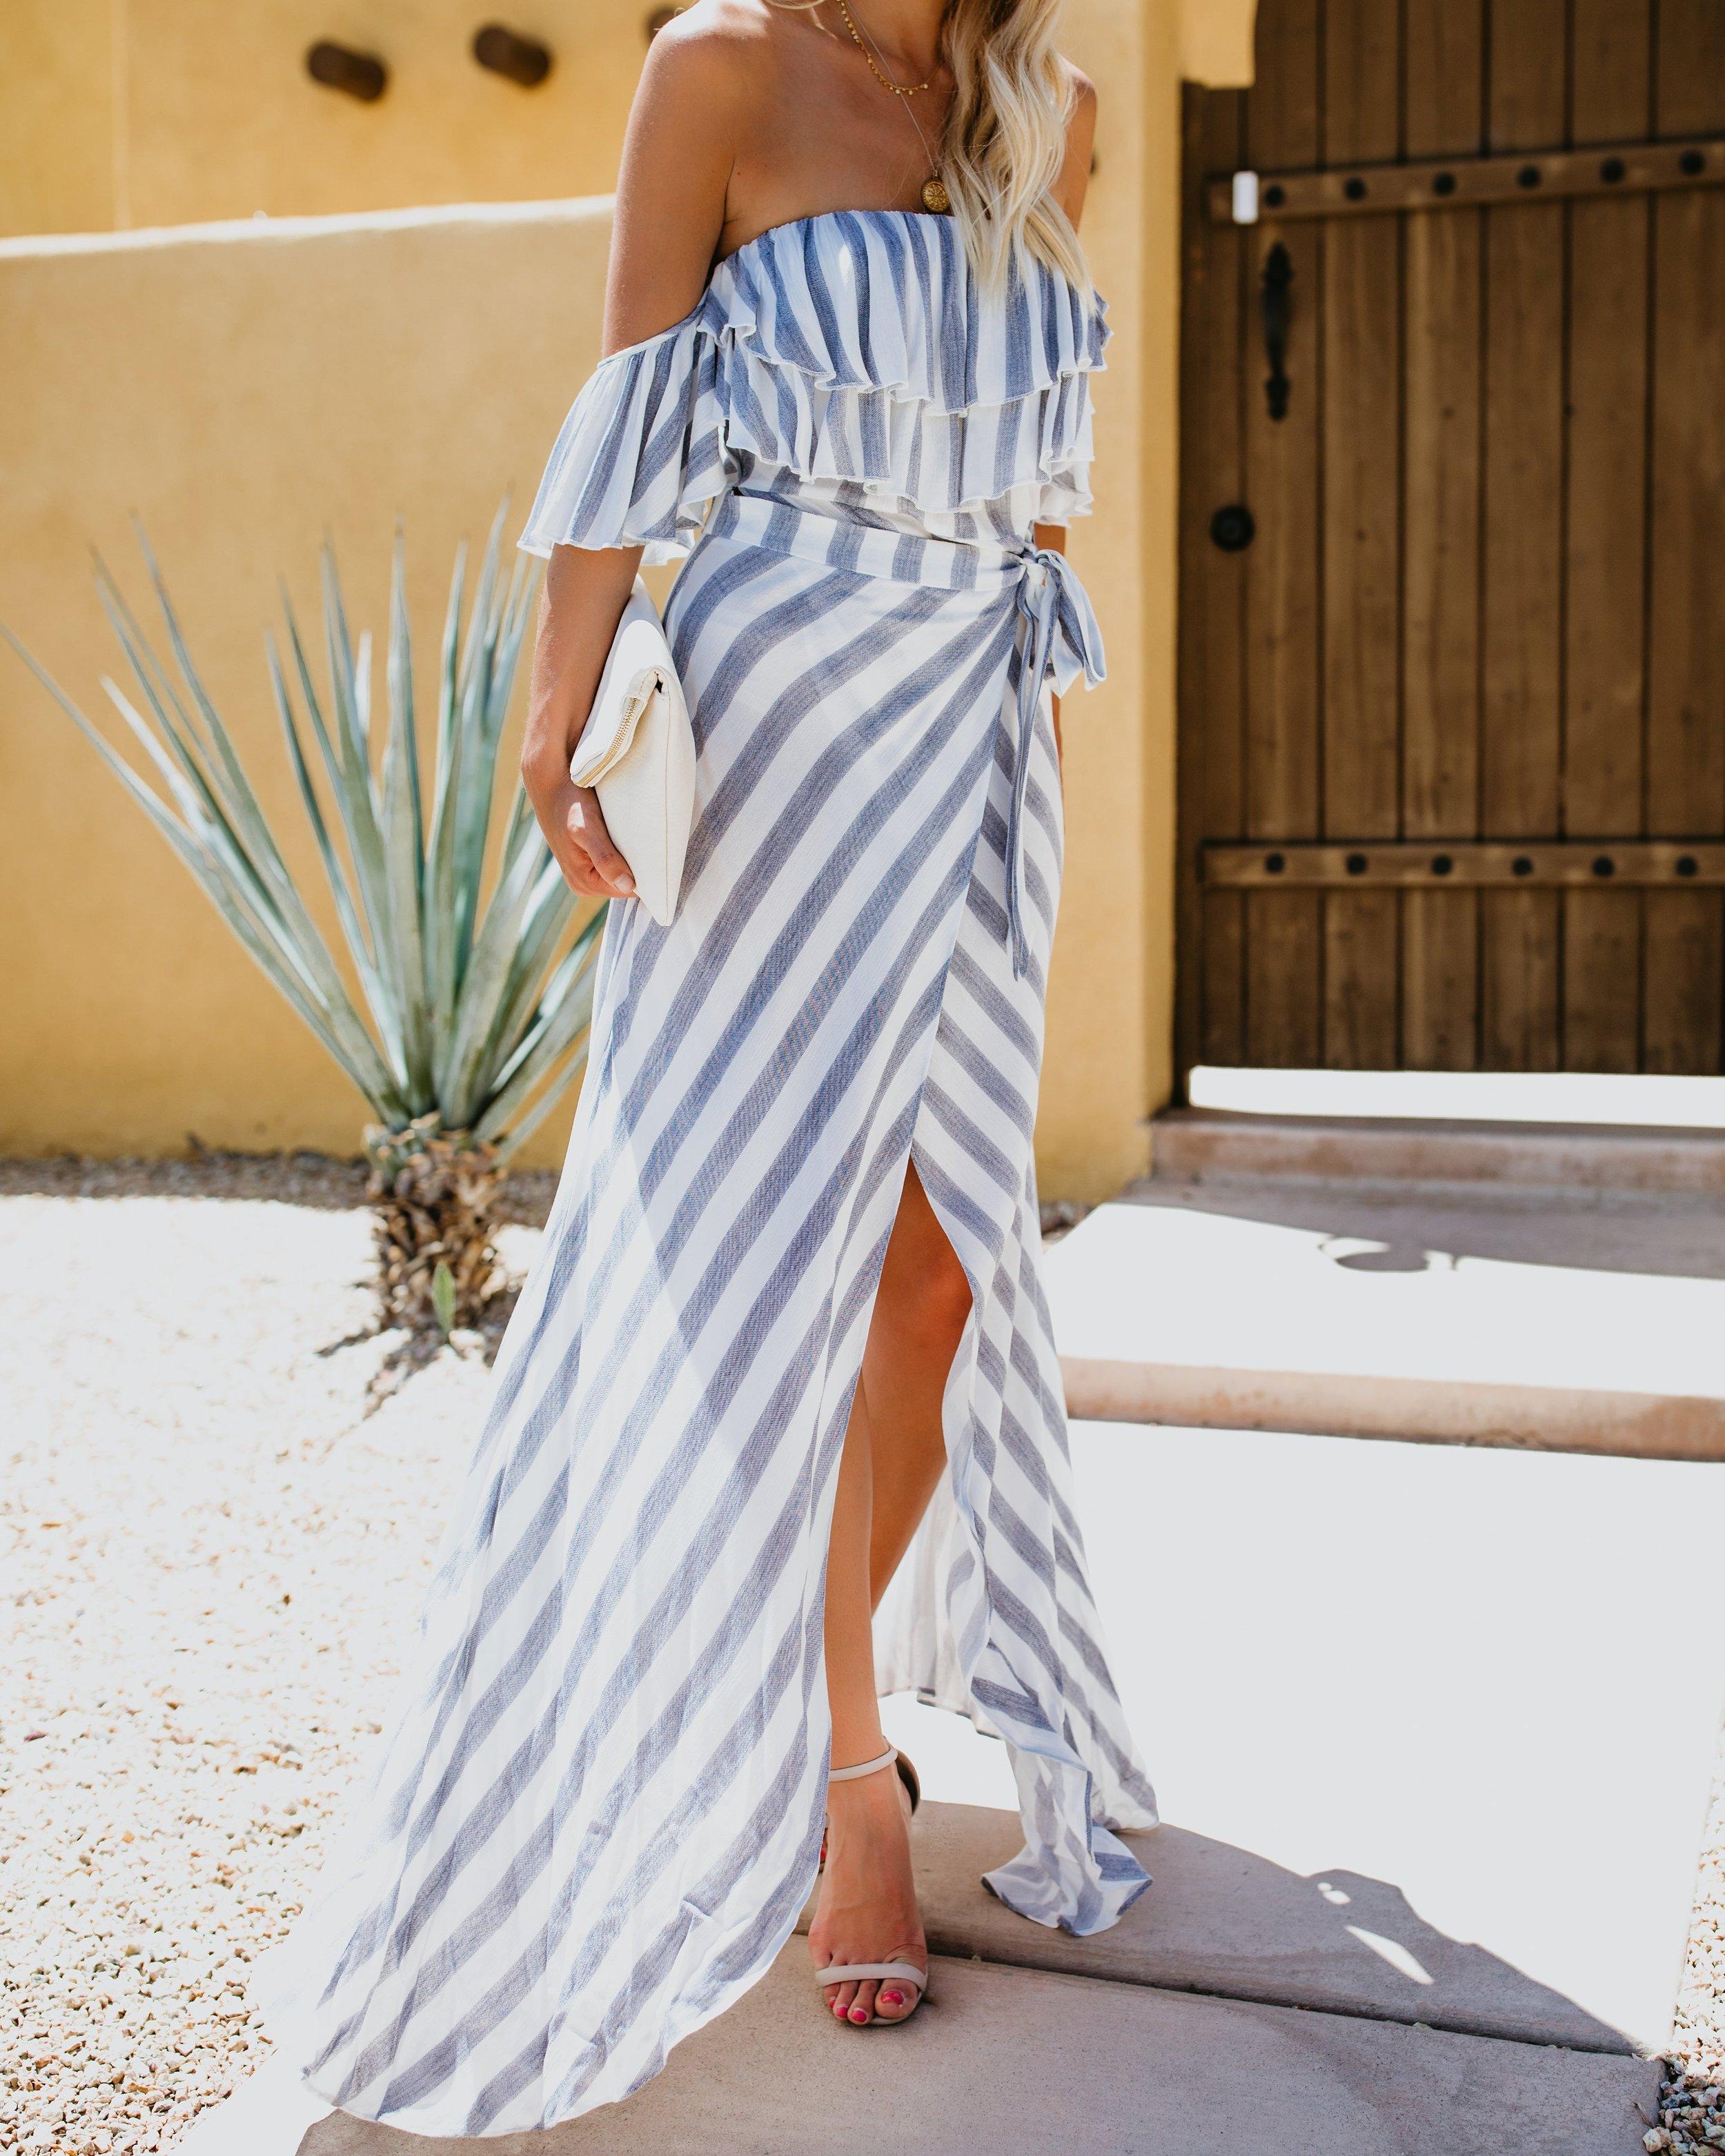 Vici Eclipse Striped Maxi dress